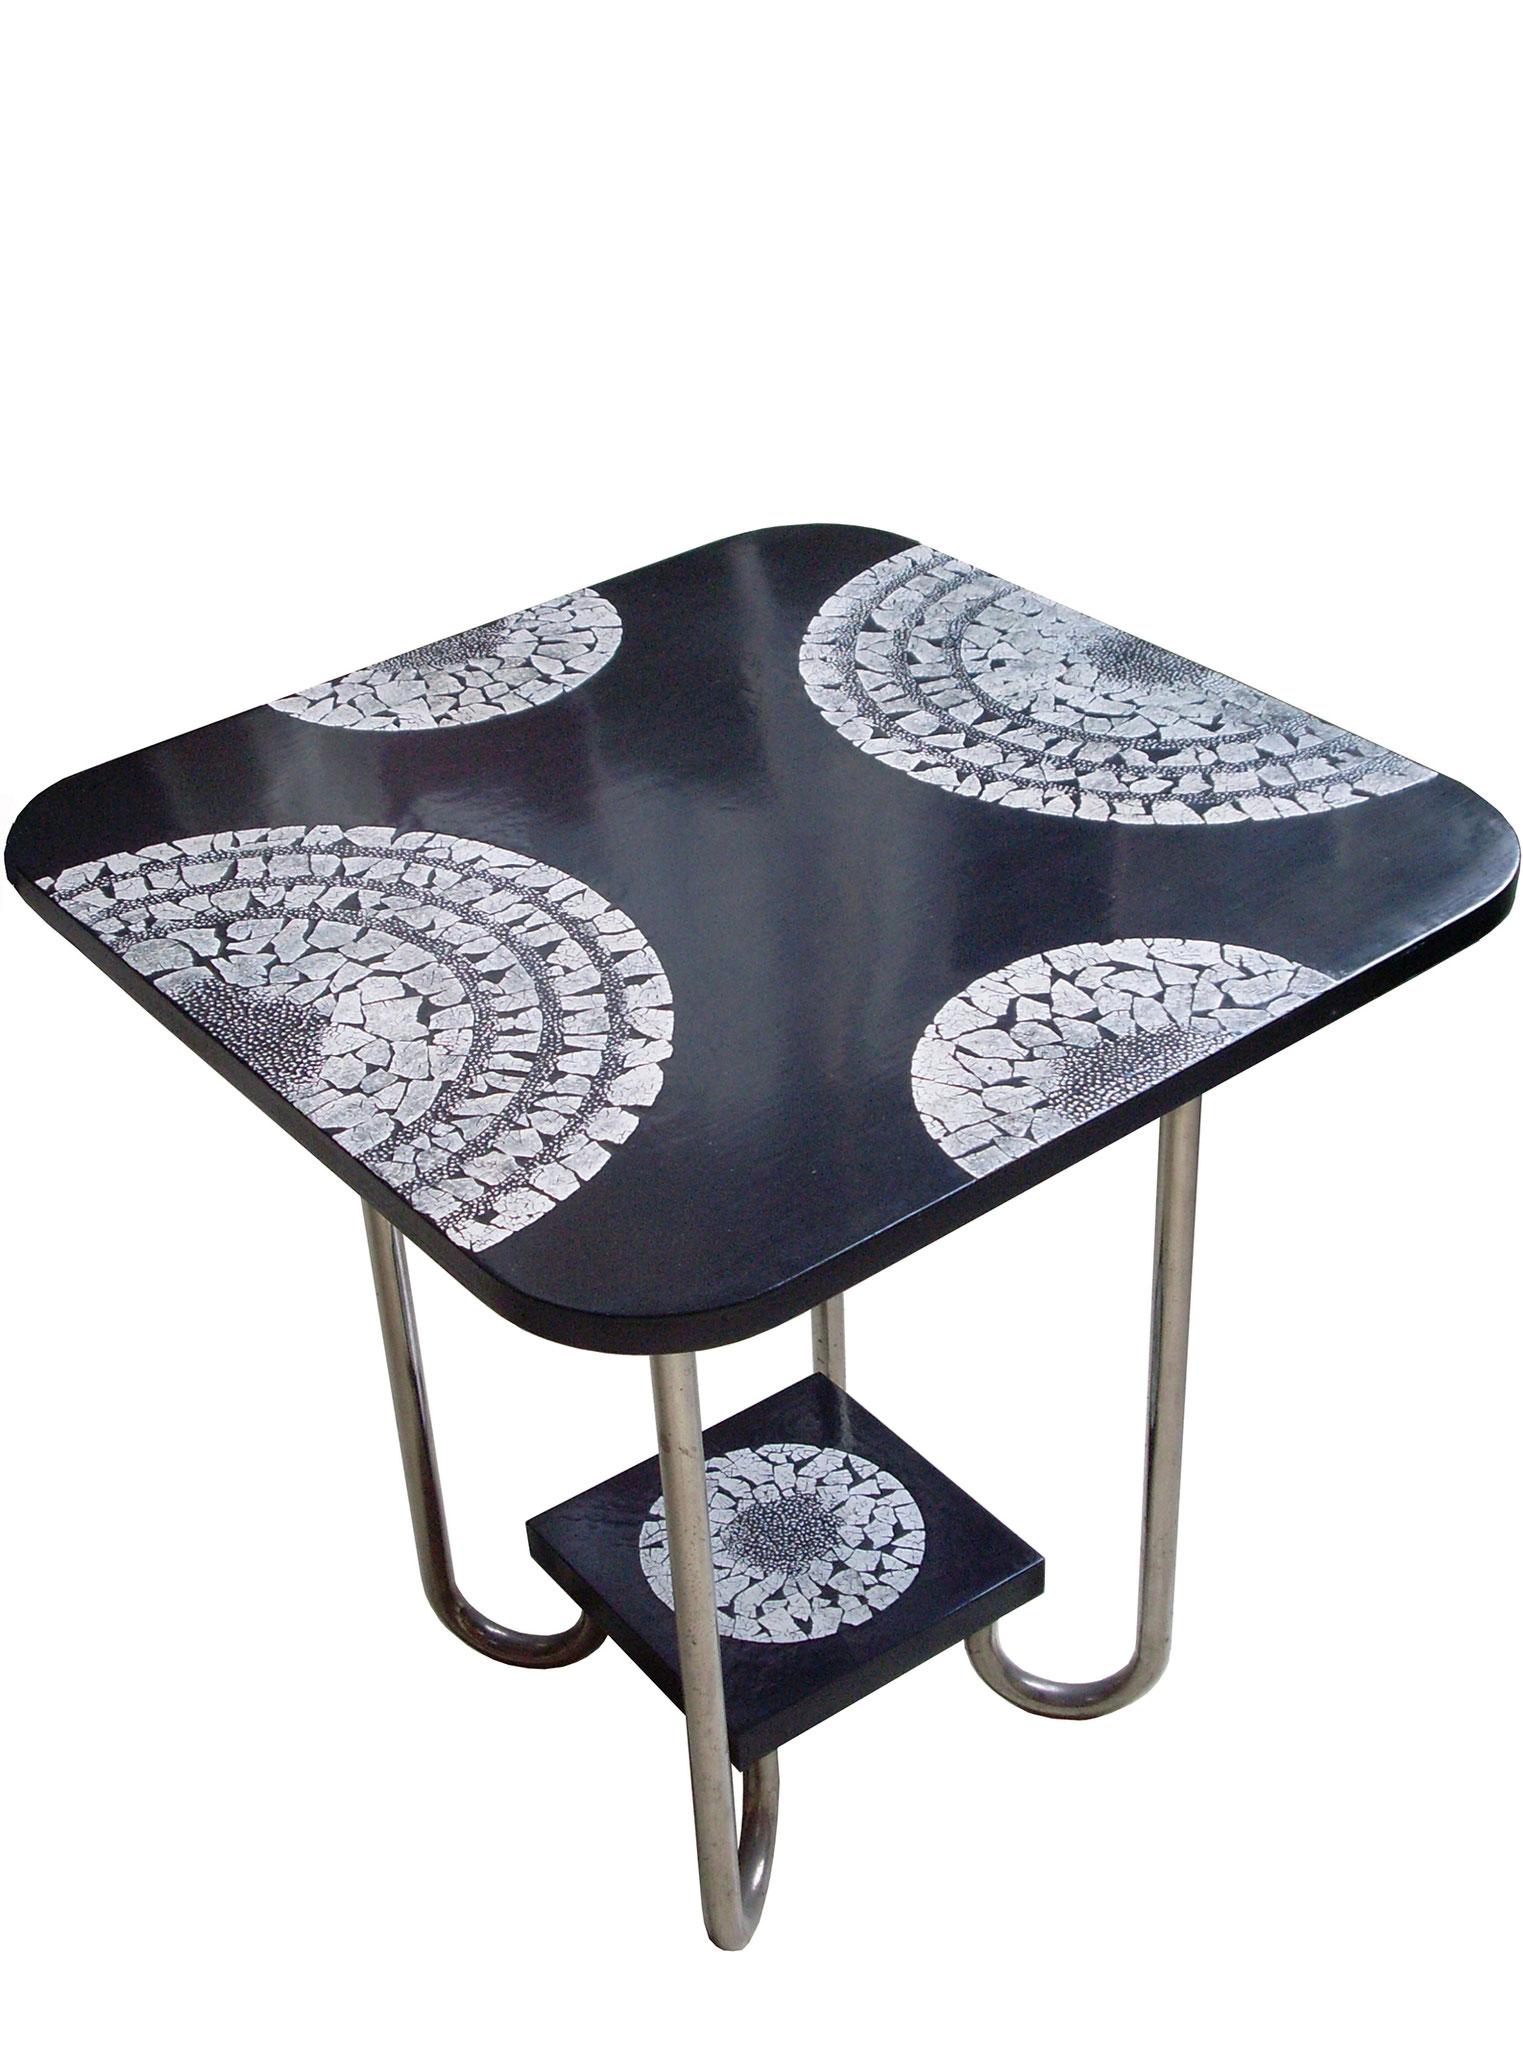 Table basse laquée avec incrustations de coquilles d'œufs - Ancien meuble des années 40 - 36 x 41 cm